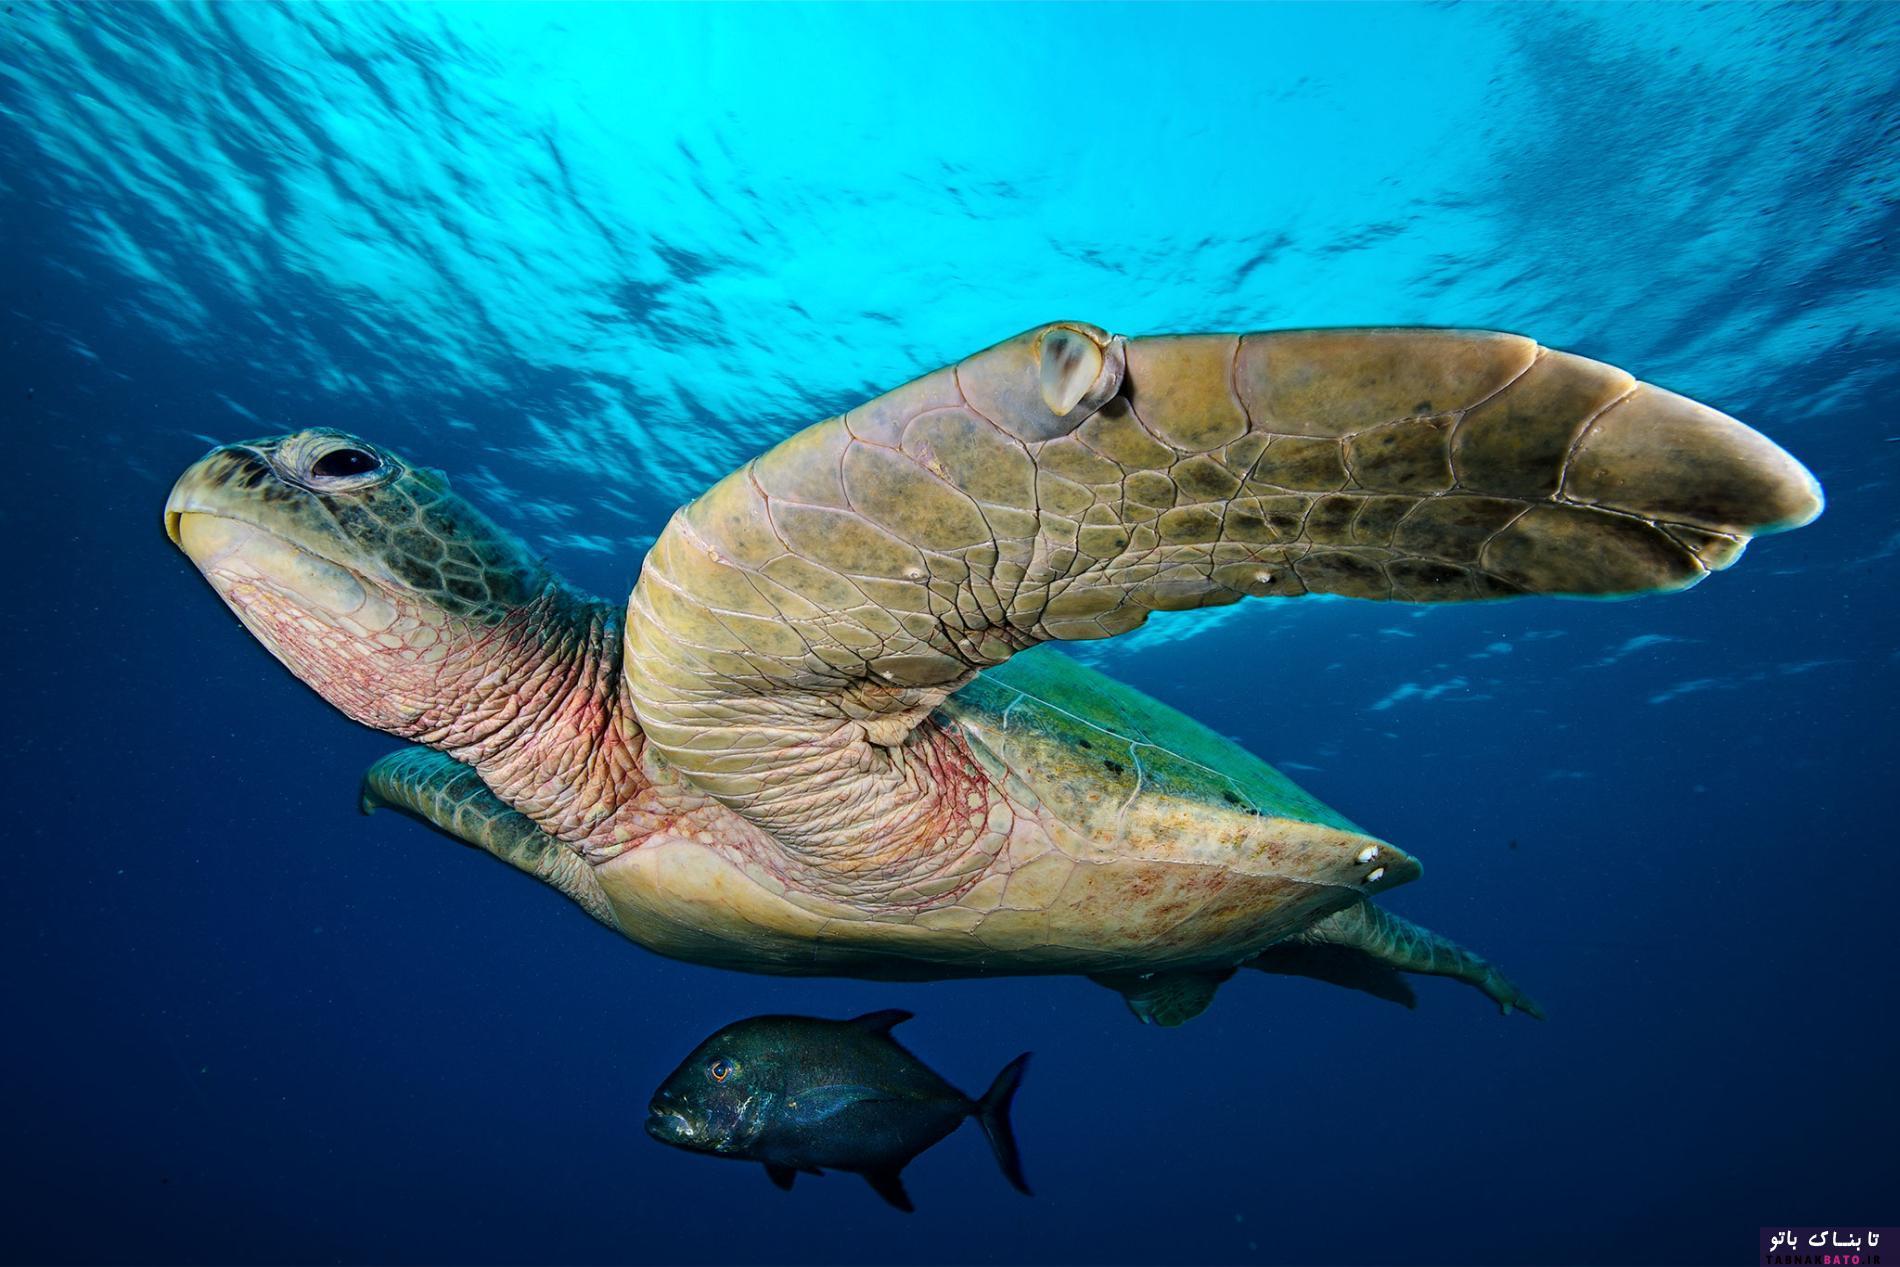 عکس هایی دیدنی از قلب مرجانی فیلیپین